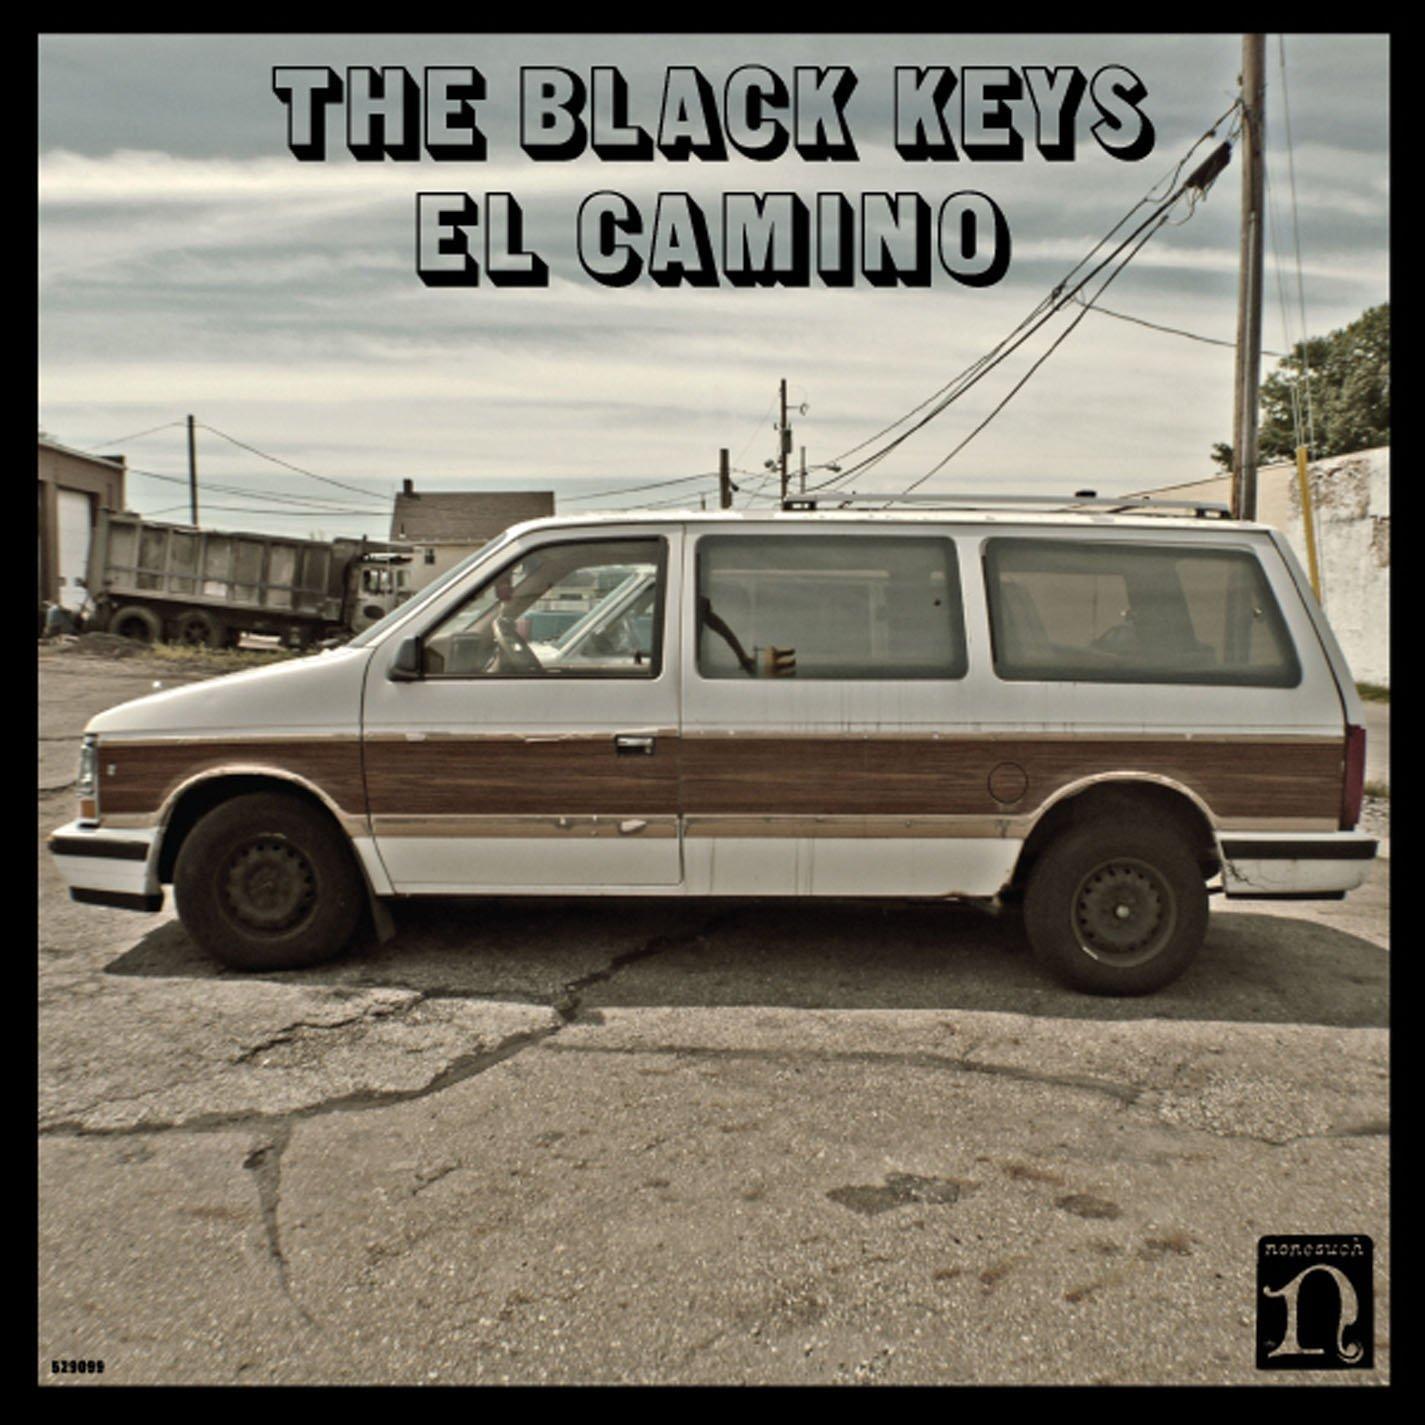 BLACK KEYS CAMINO